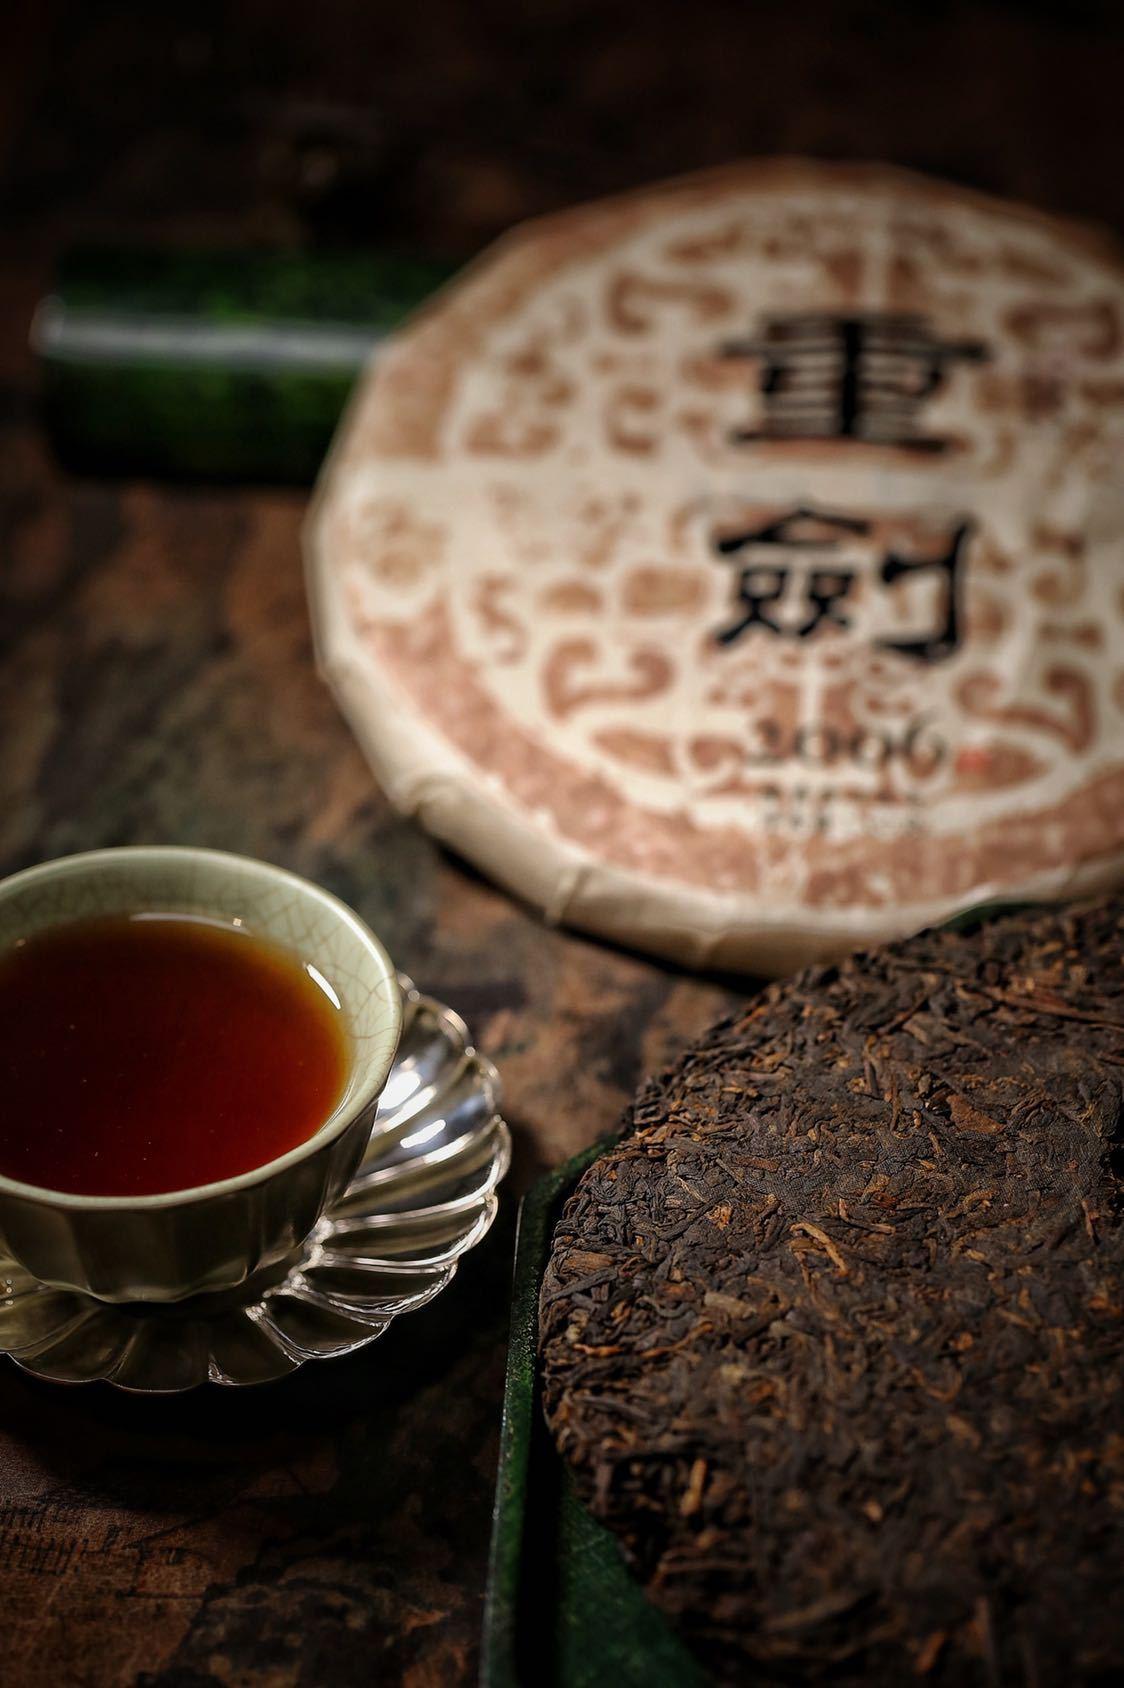 《煎茶日记》11月16日|想了解黑茶!必看